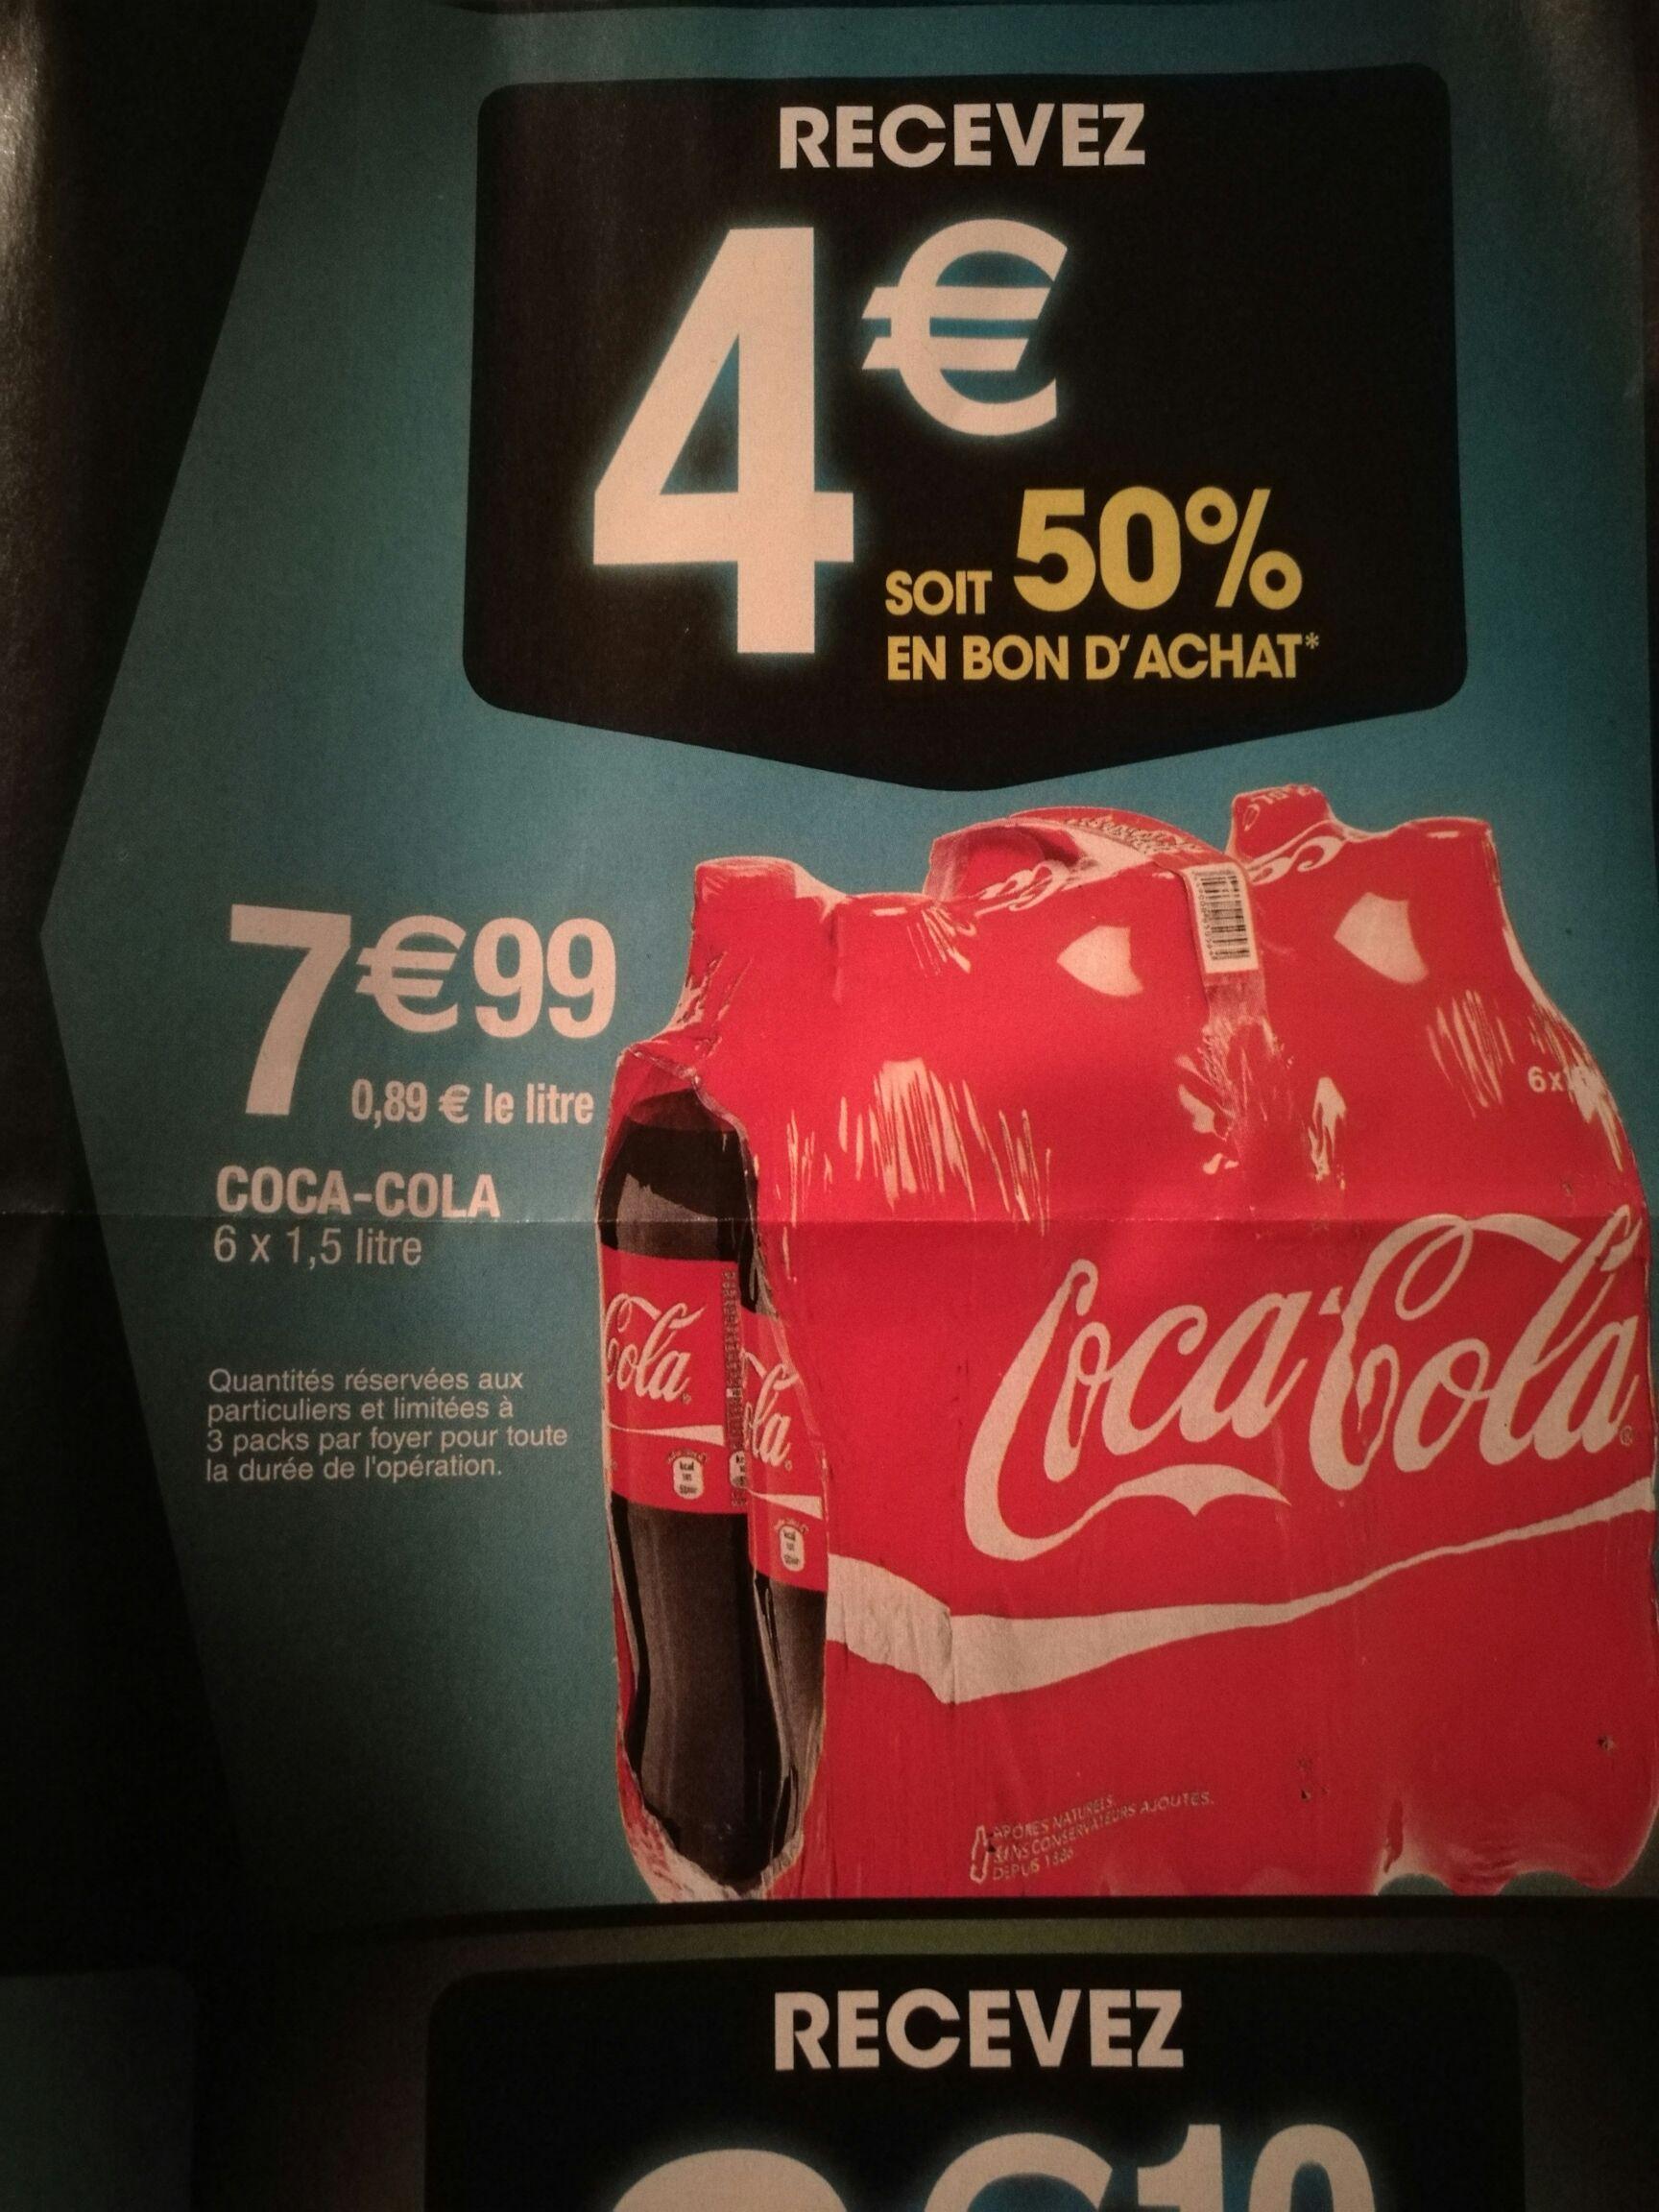 Pack de Coca-Cola - 6 x 1,5L (via 4€ en bon d'achat)